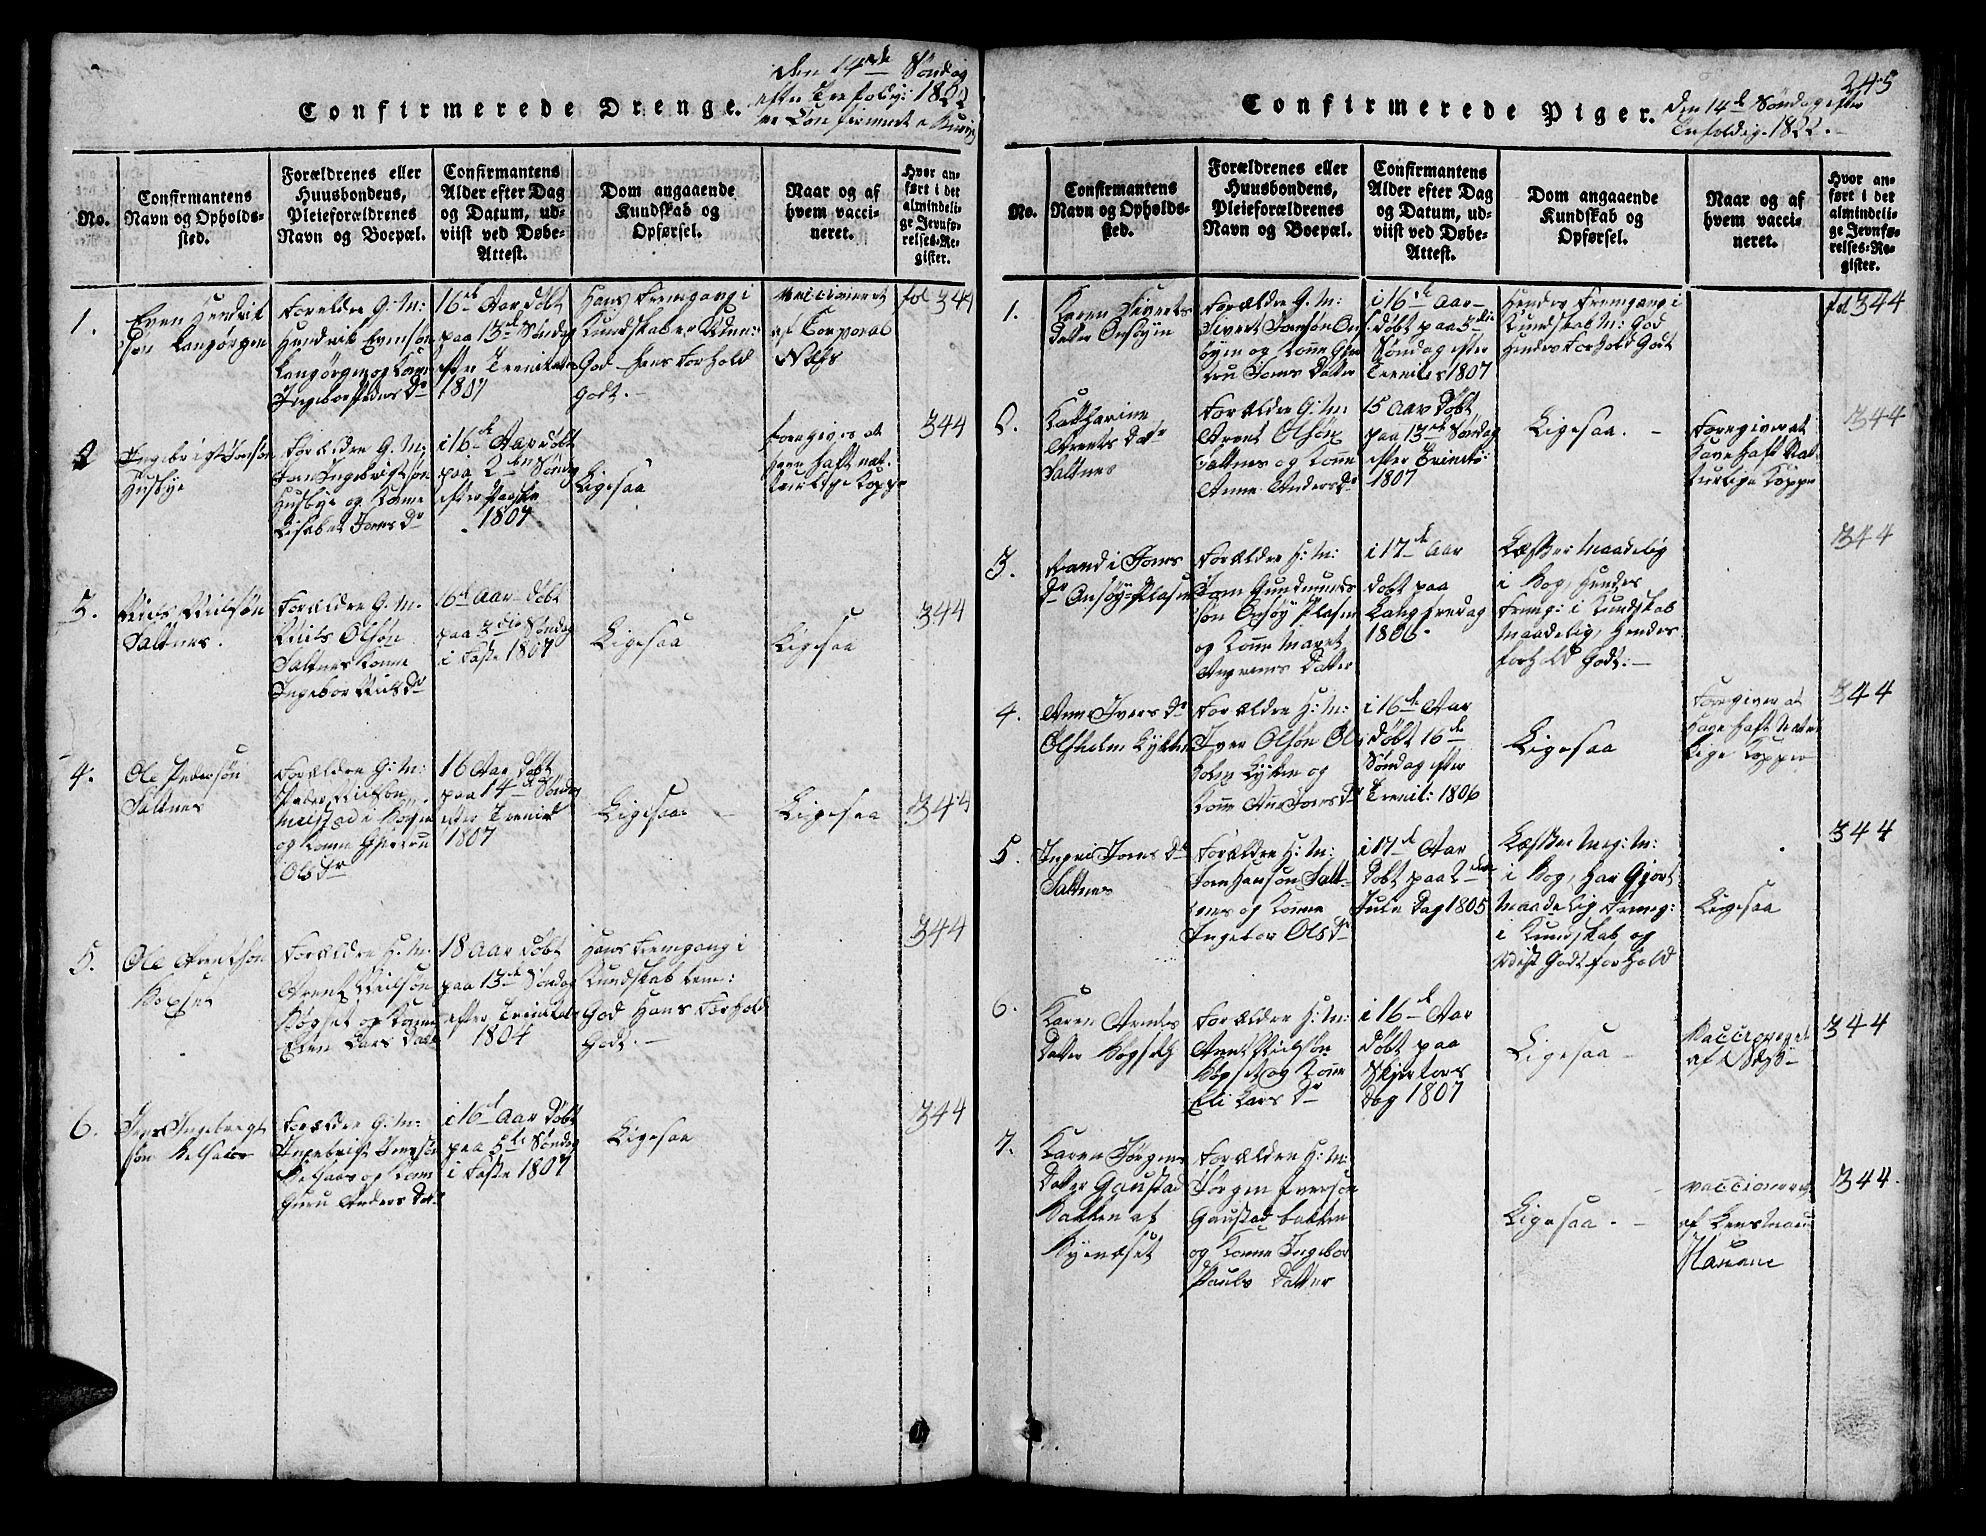 SAT, Ministerialprotokoller, klokkerbøker og fødselsregistre - Sør-Trøndelag, 666/L0788: Klokkerbok nr. 666C01, 1816-1847, s. 245